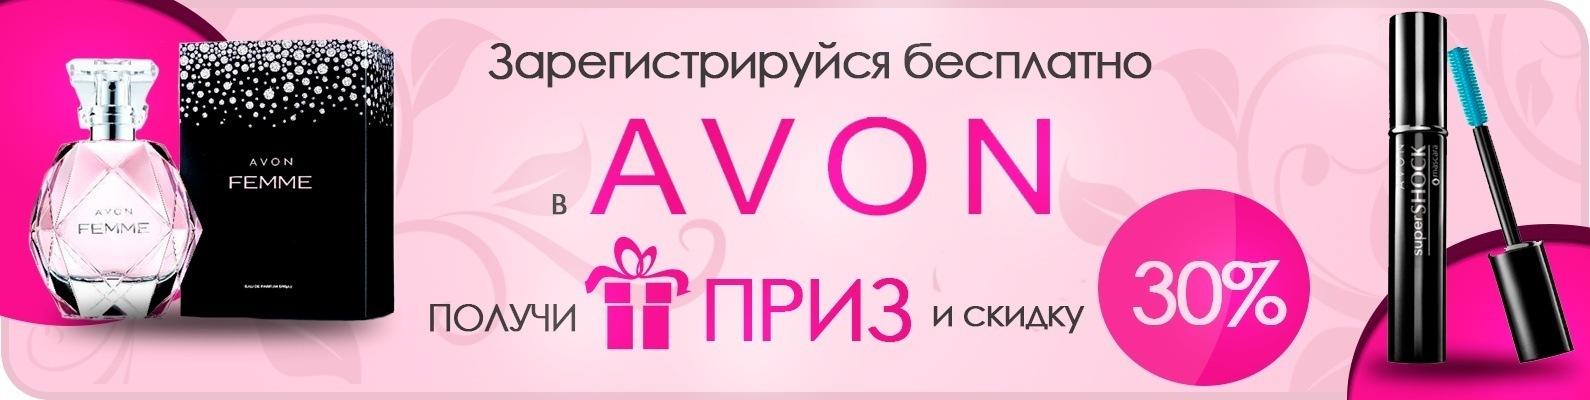 Авон регистрация купить в украине косметику черный жемчуг